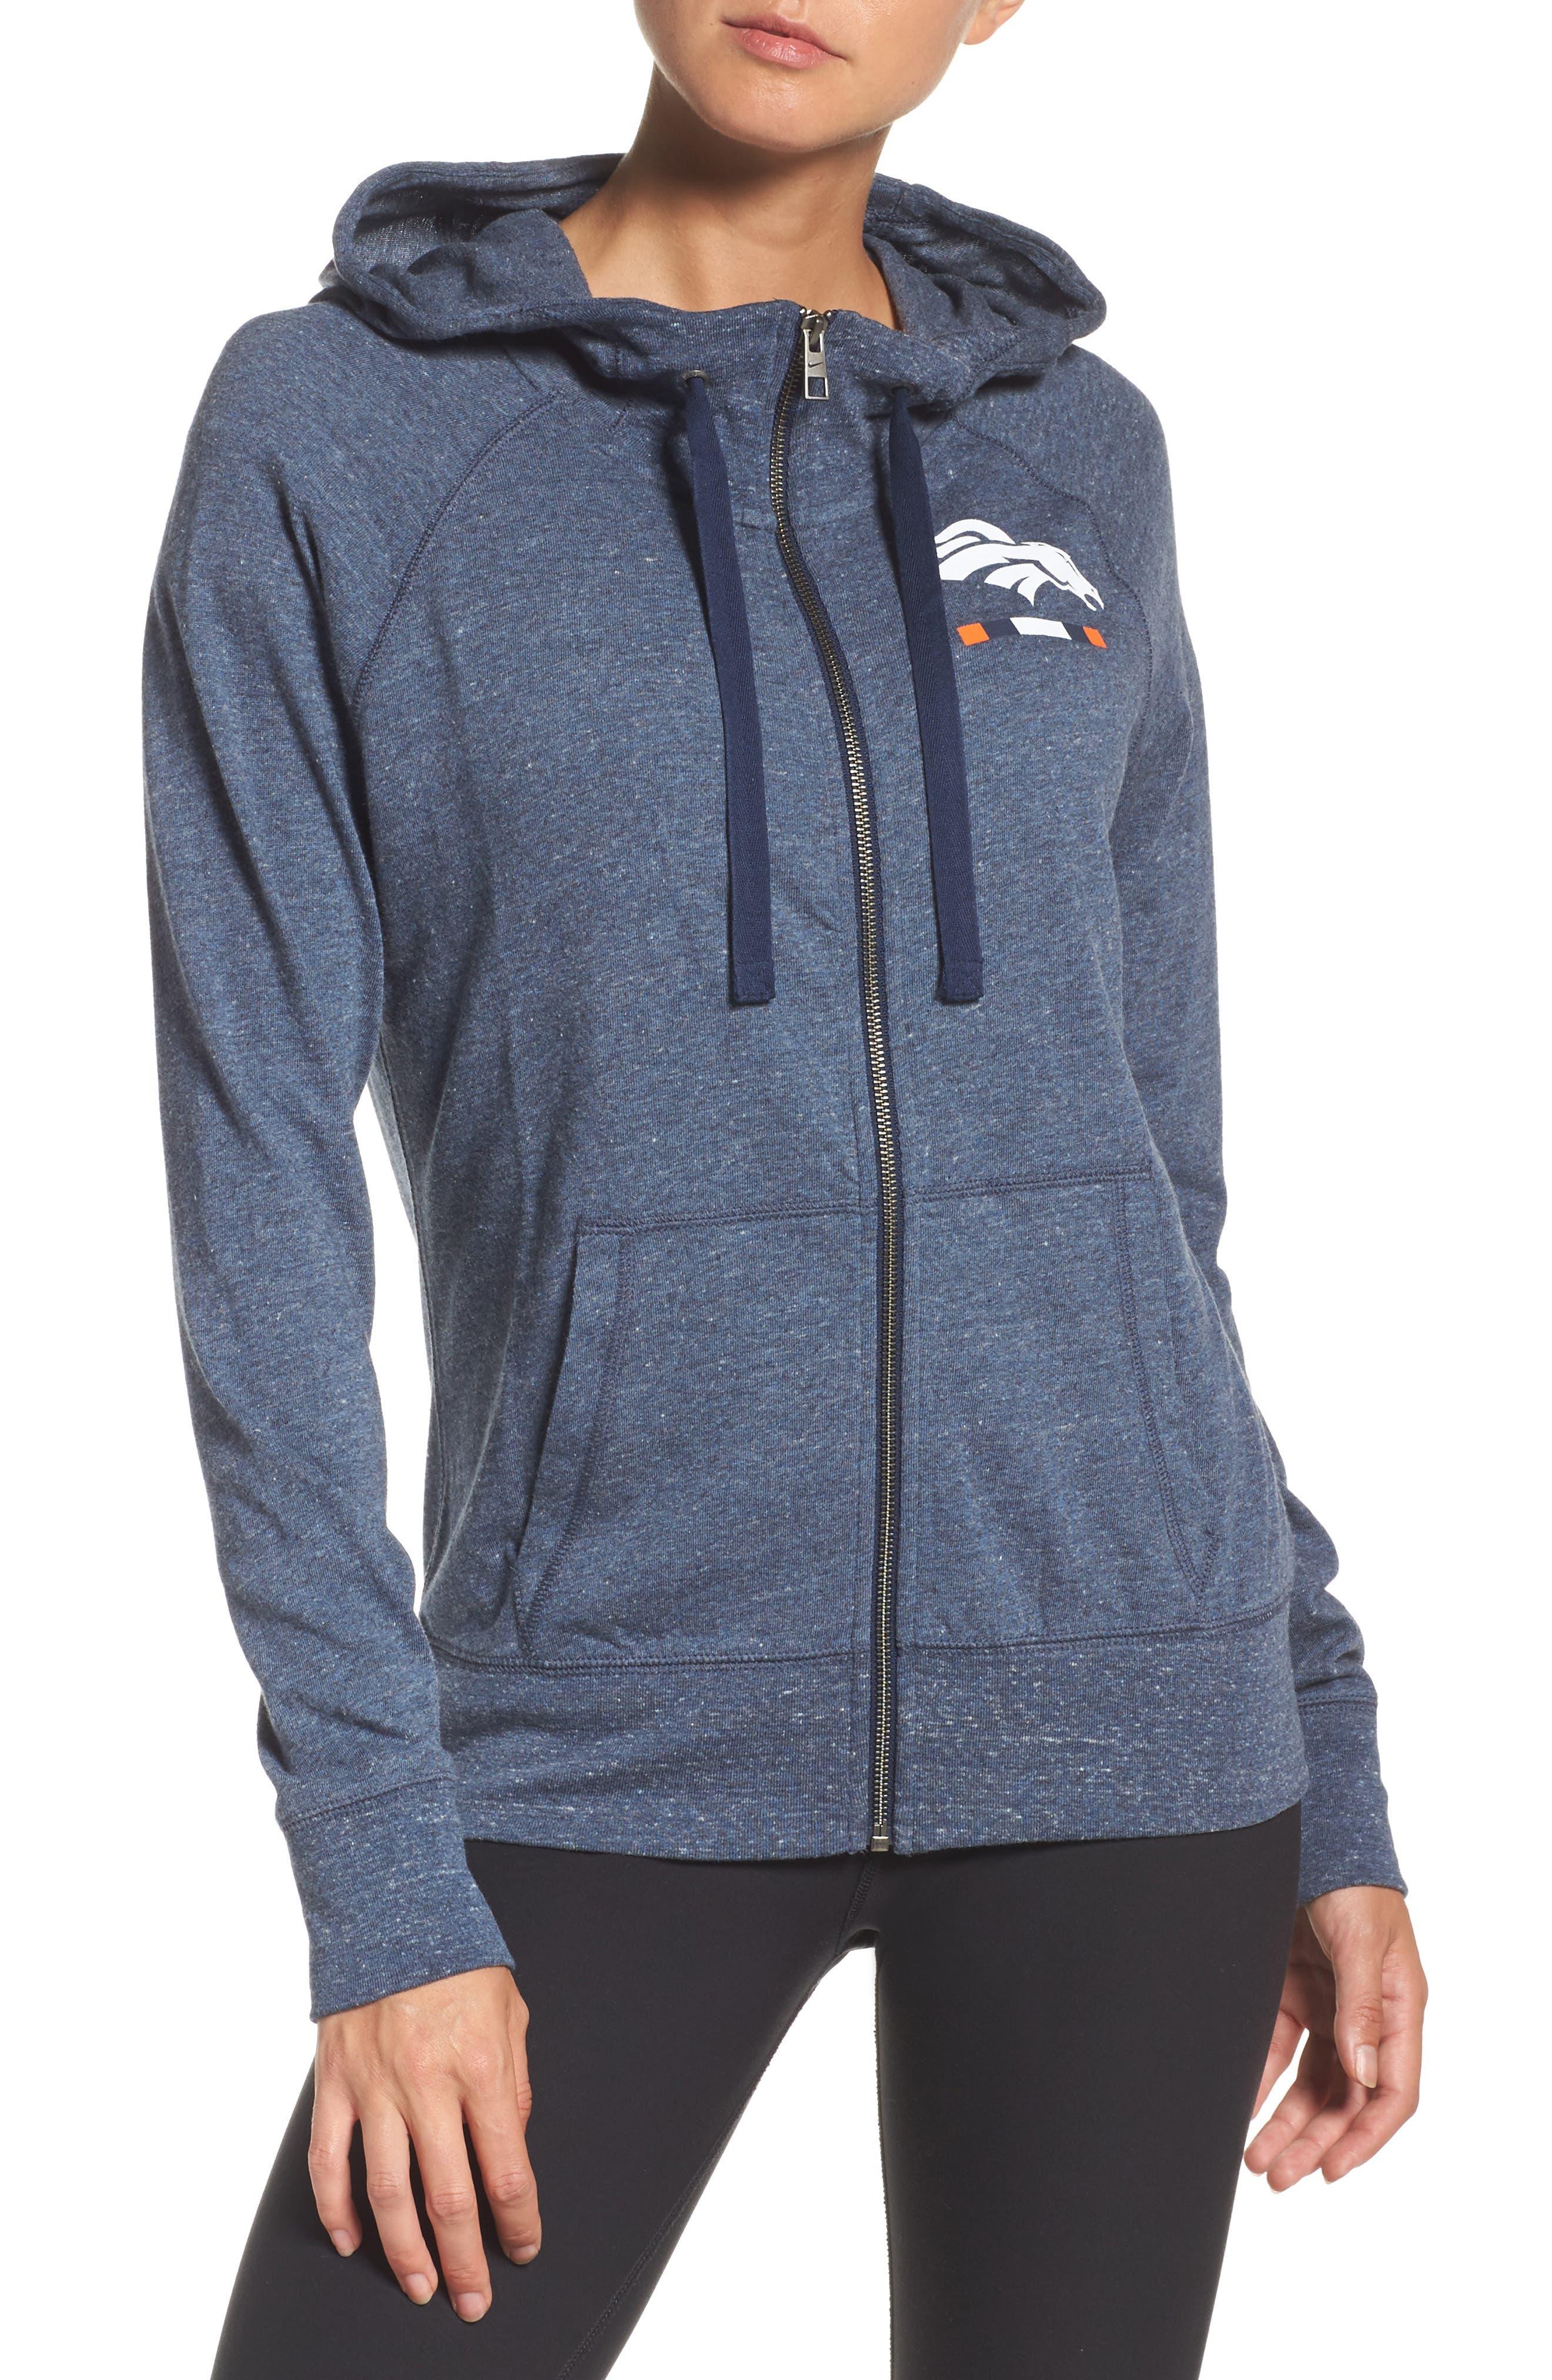 Nike NFL Zip Hoodie